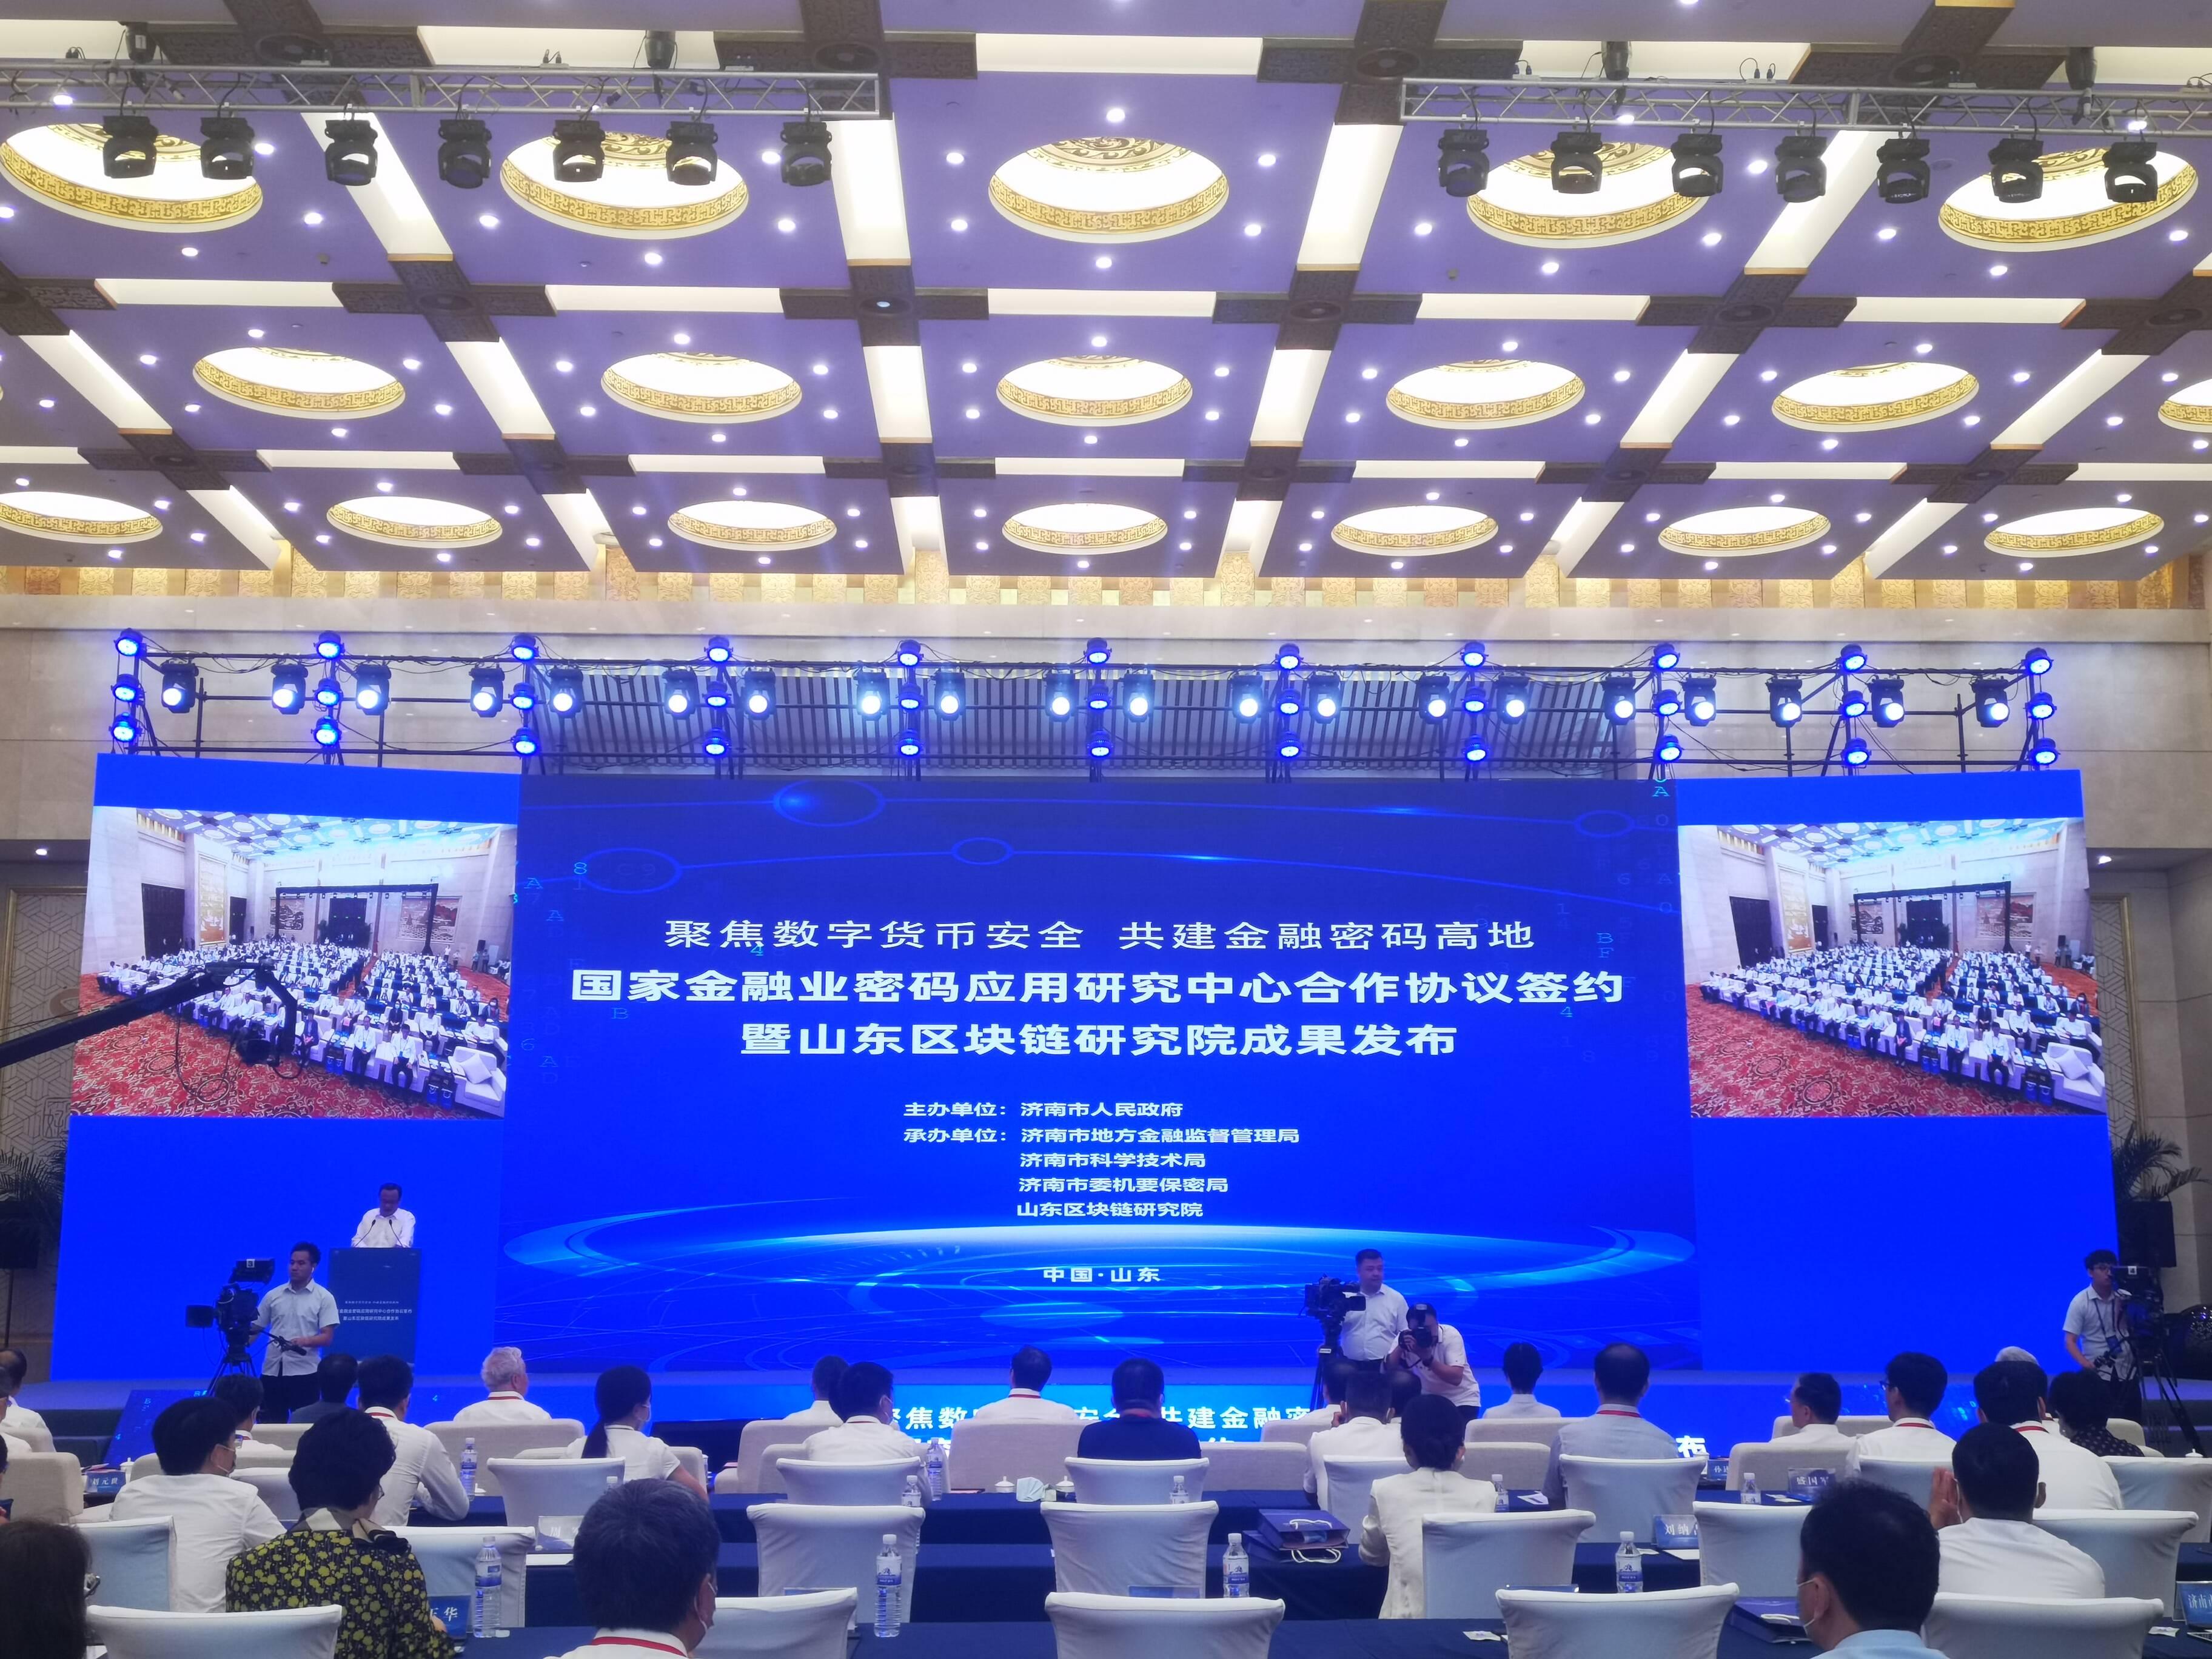 为数字货币发行保驾护航!国家金融业密码应用研究中心在济南揭牌